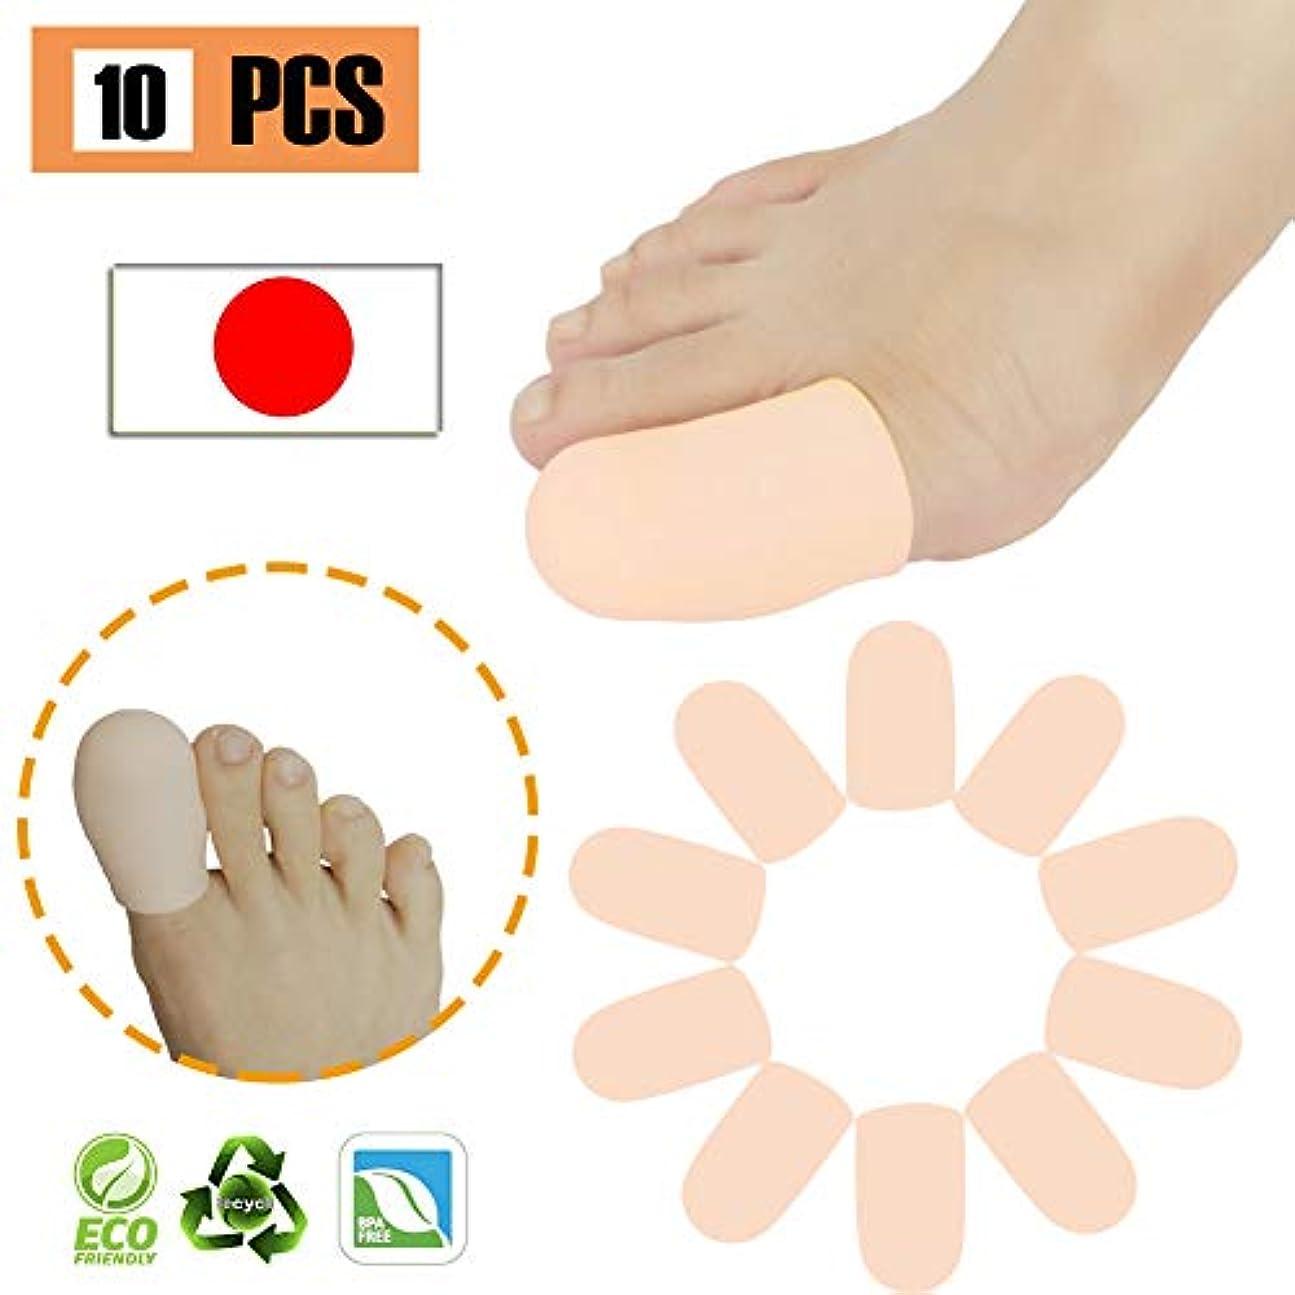 みなすクリープポンペイジェル足指キャップ足指プロテクター足指スリーブ新素材水疱足指のハンマートゥ爪 陥入爪 爪損失摩擦による痛みの軽減など (足の親指用)(10個入り)